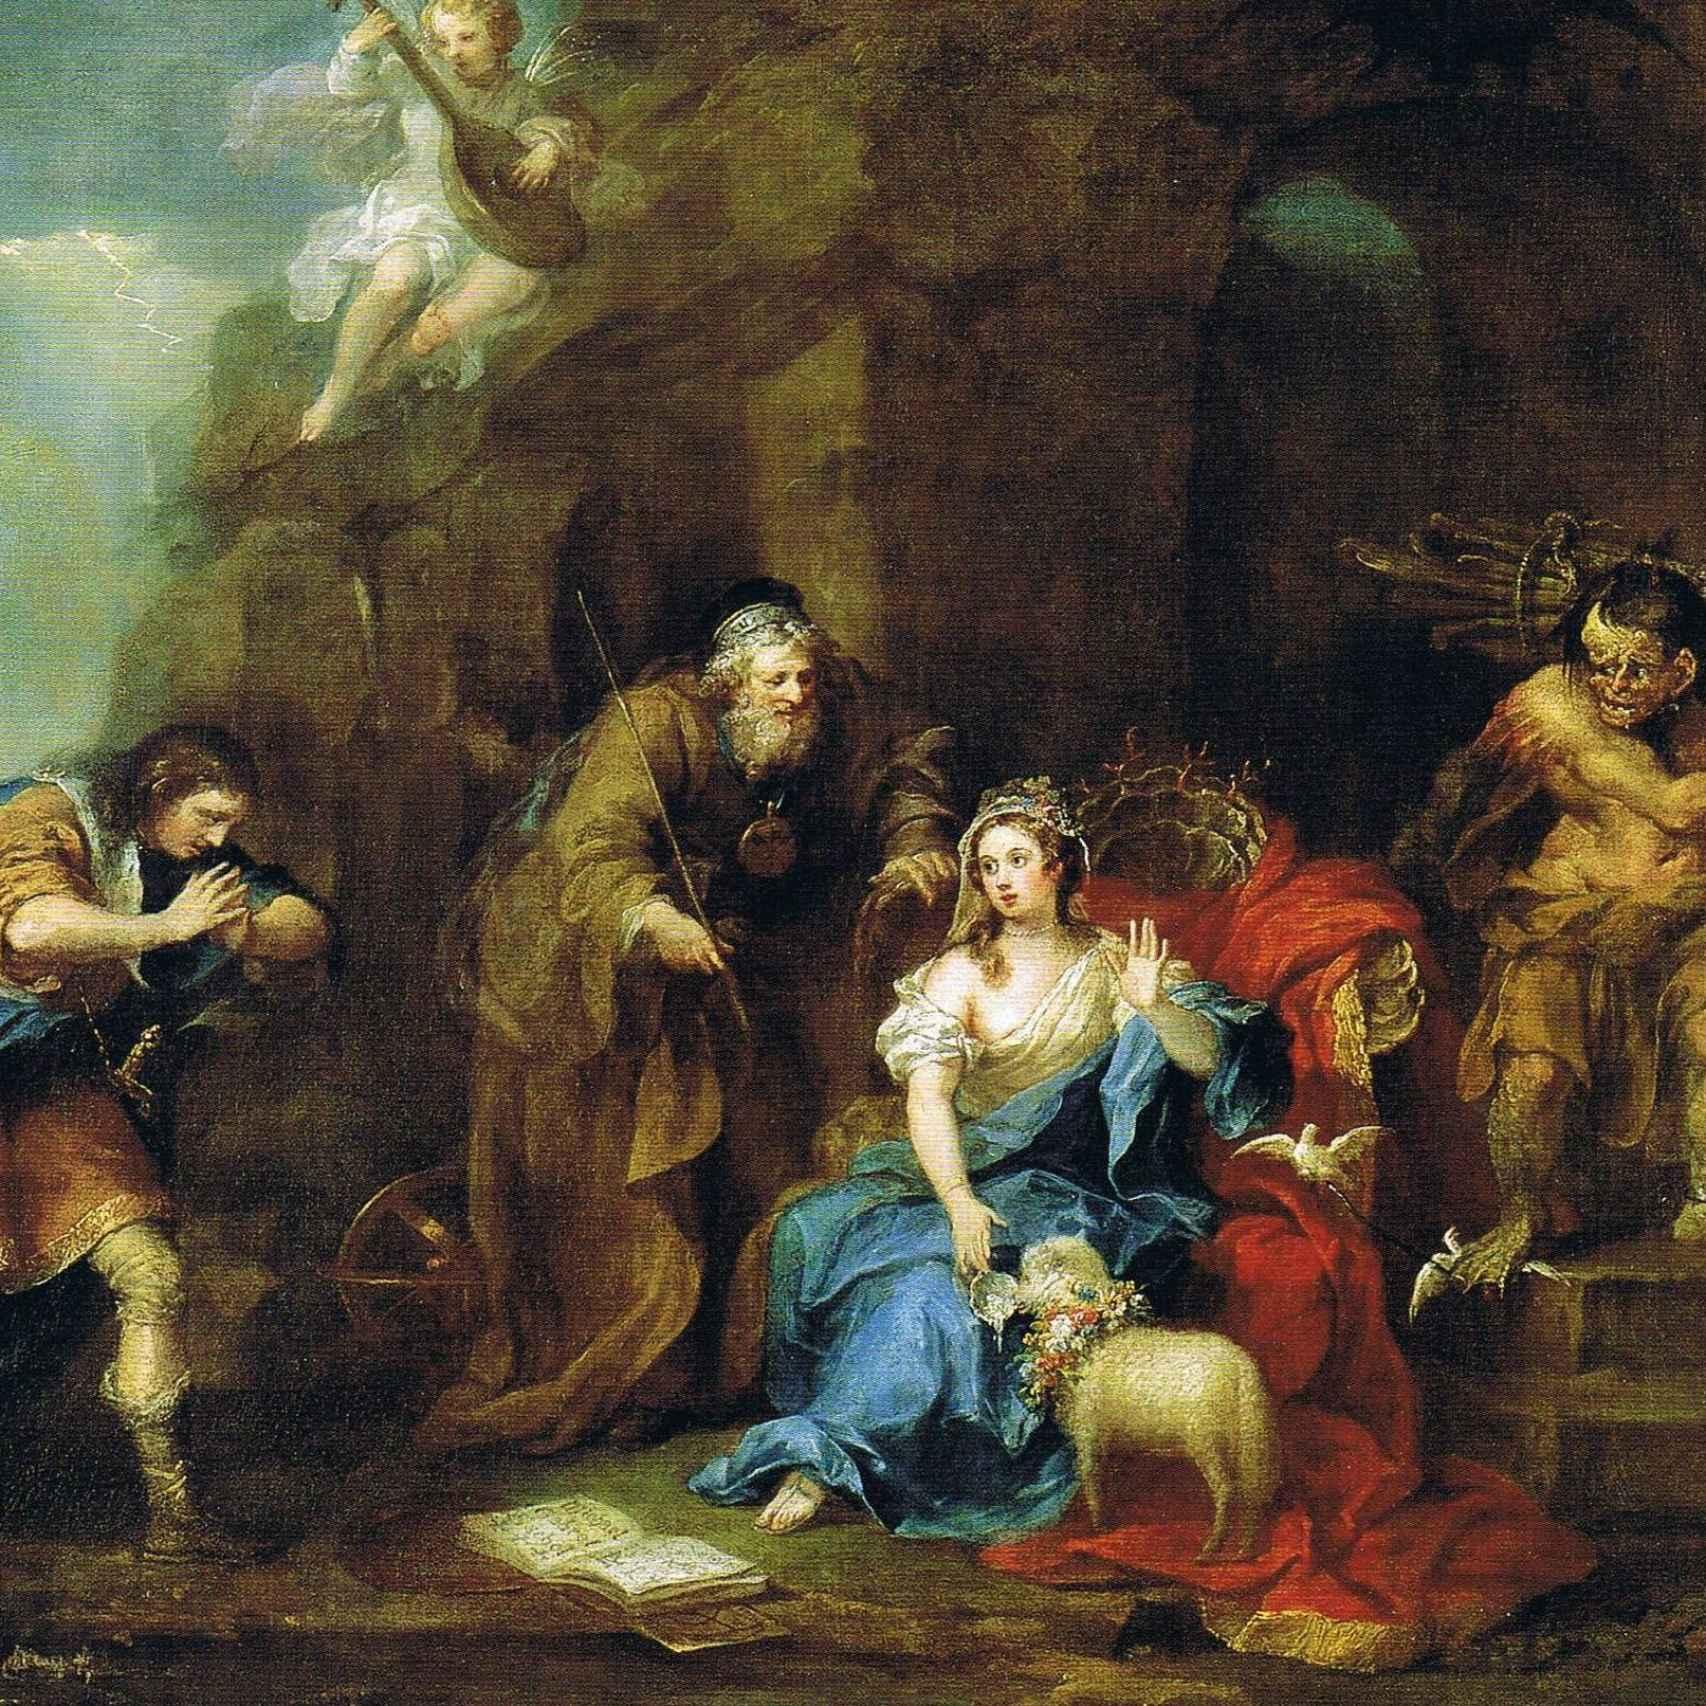 Representación pictórica de 'La Tempestad' de William Hogarth.